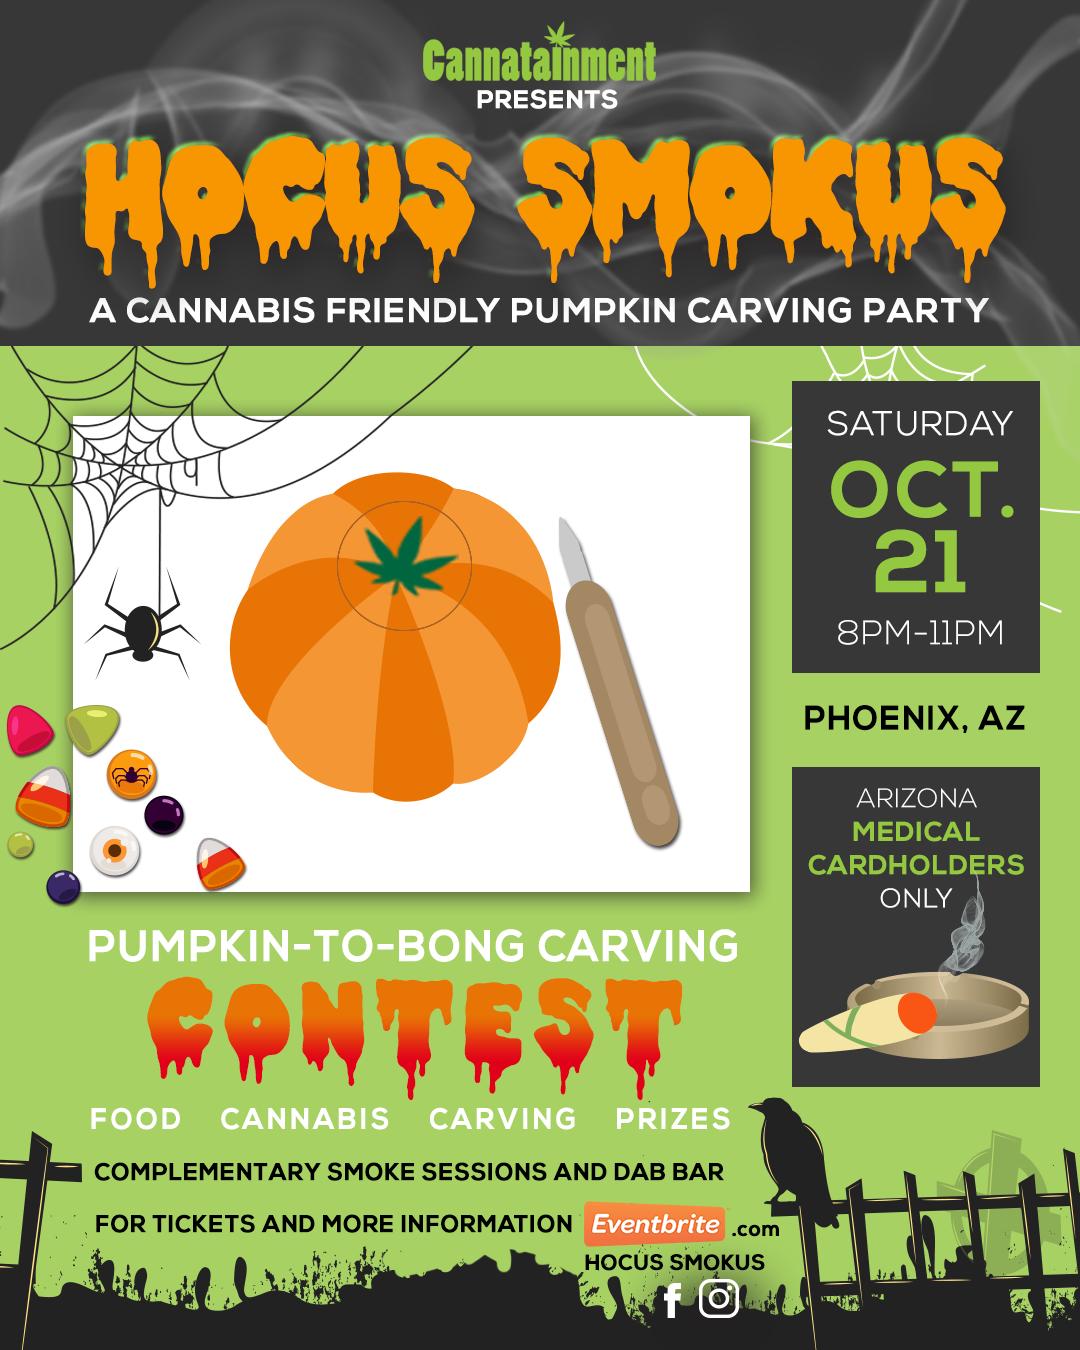 Hocus Smokus Cannabis Event